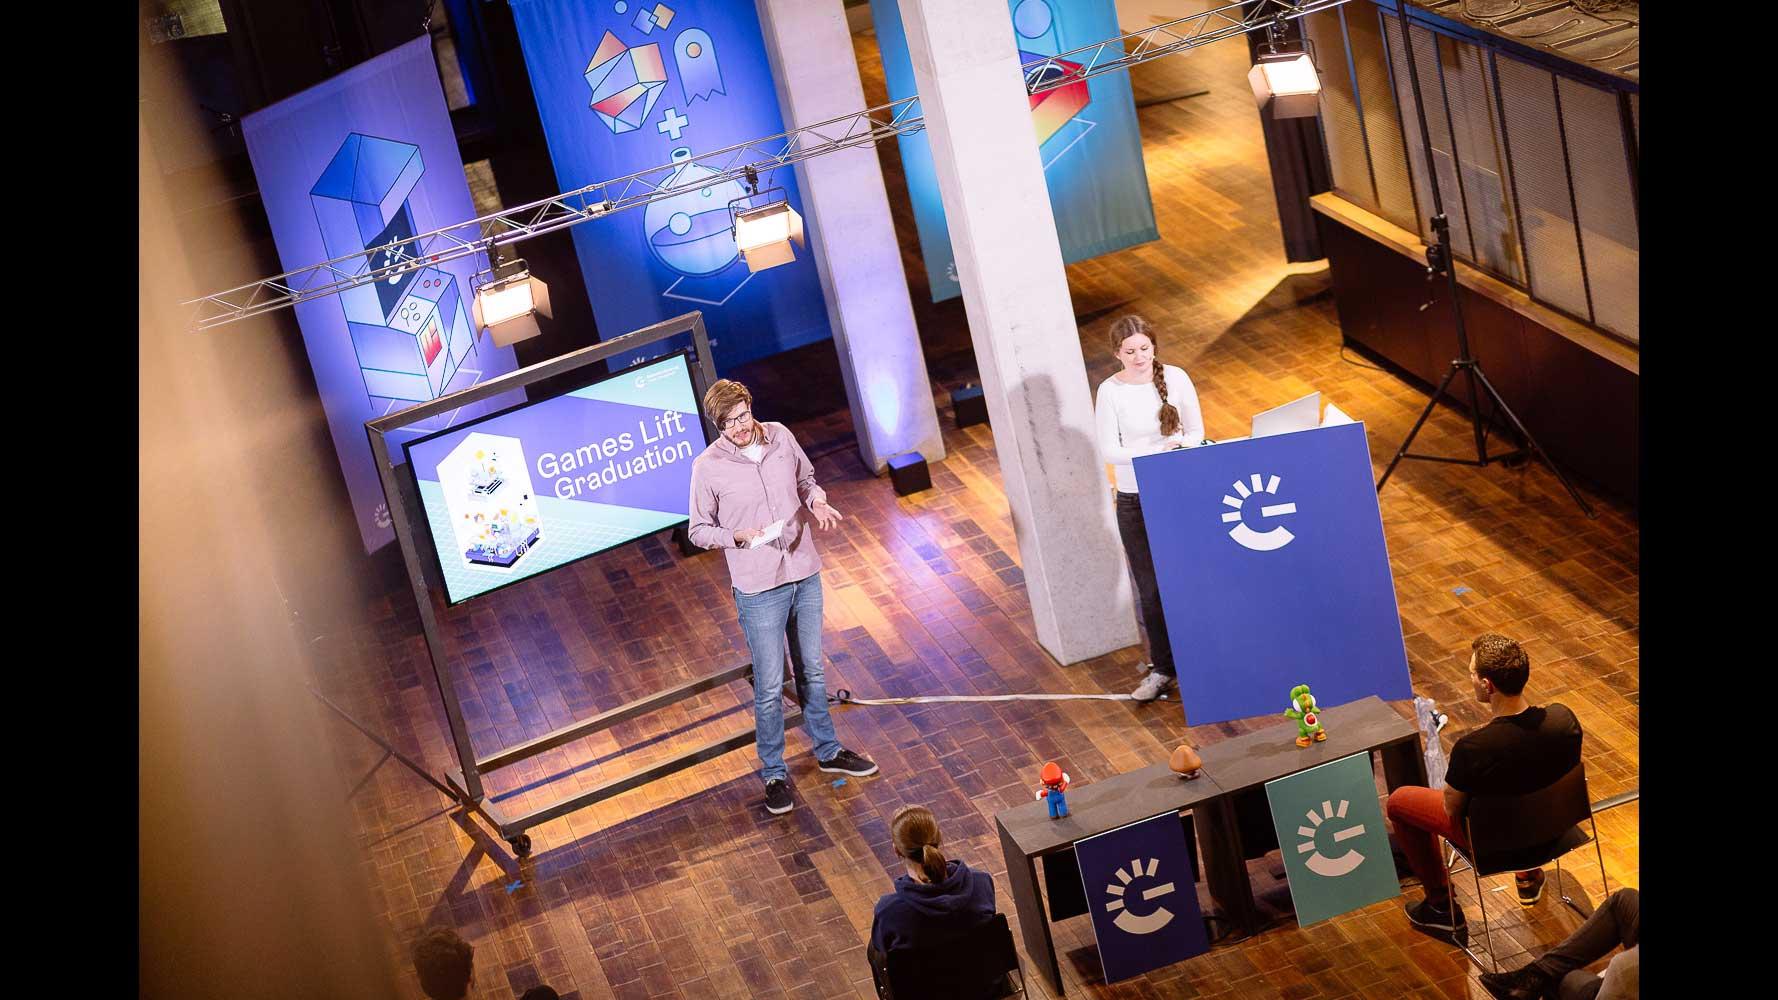 Gamecity Hamburg Games Lift Graduation babt